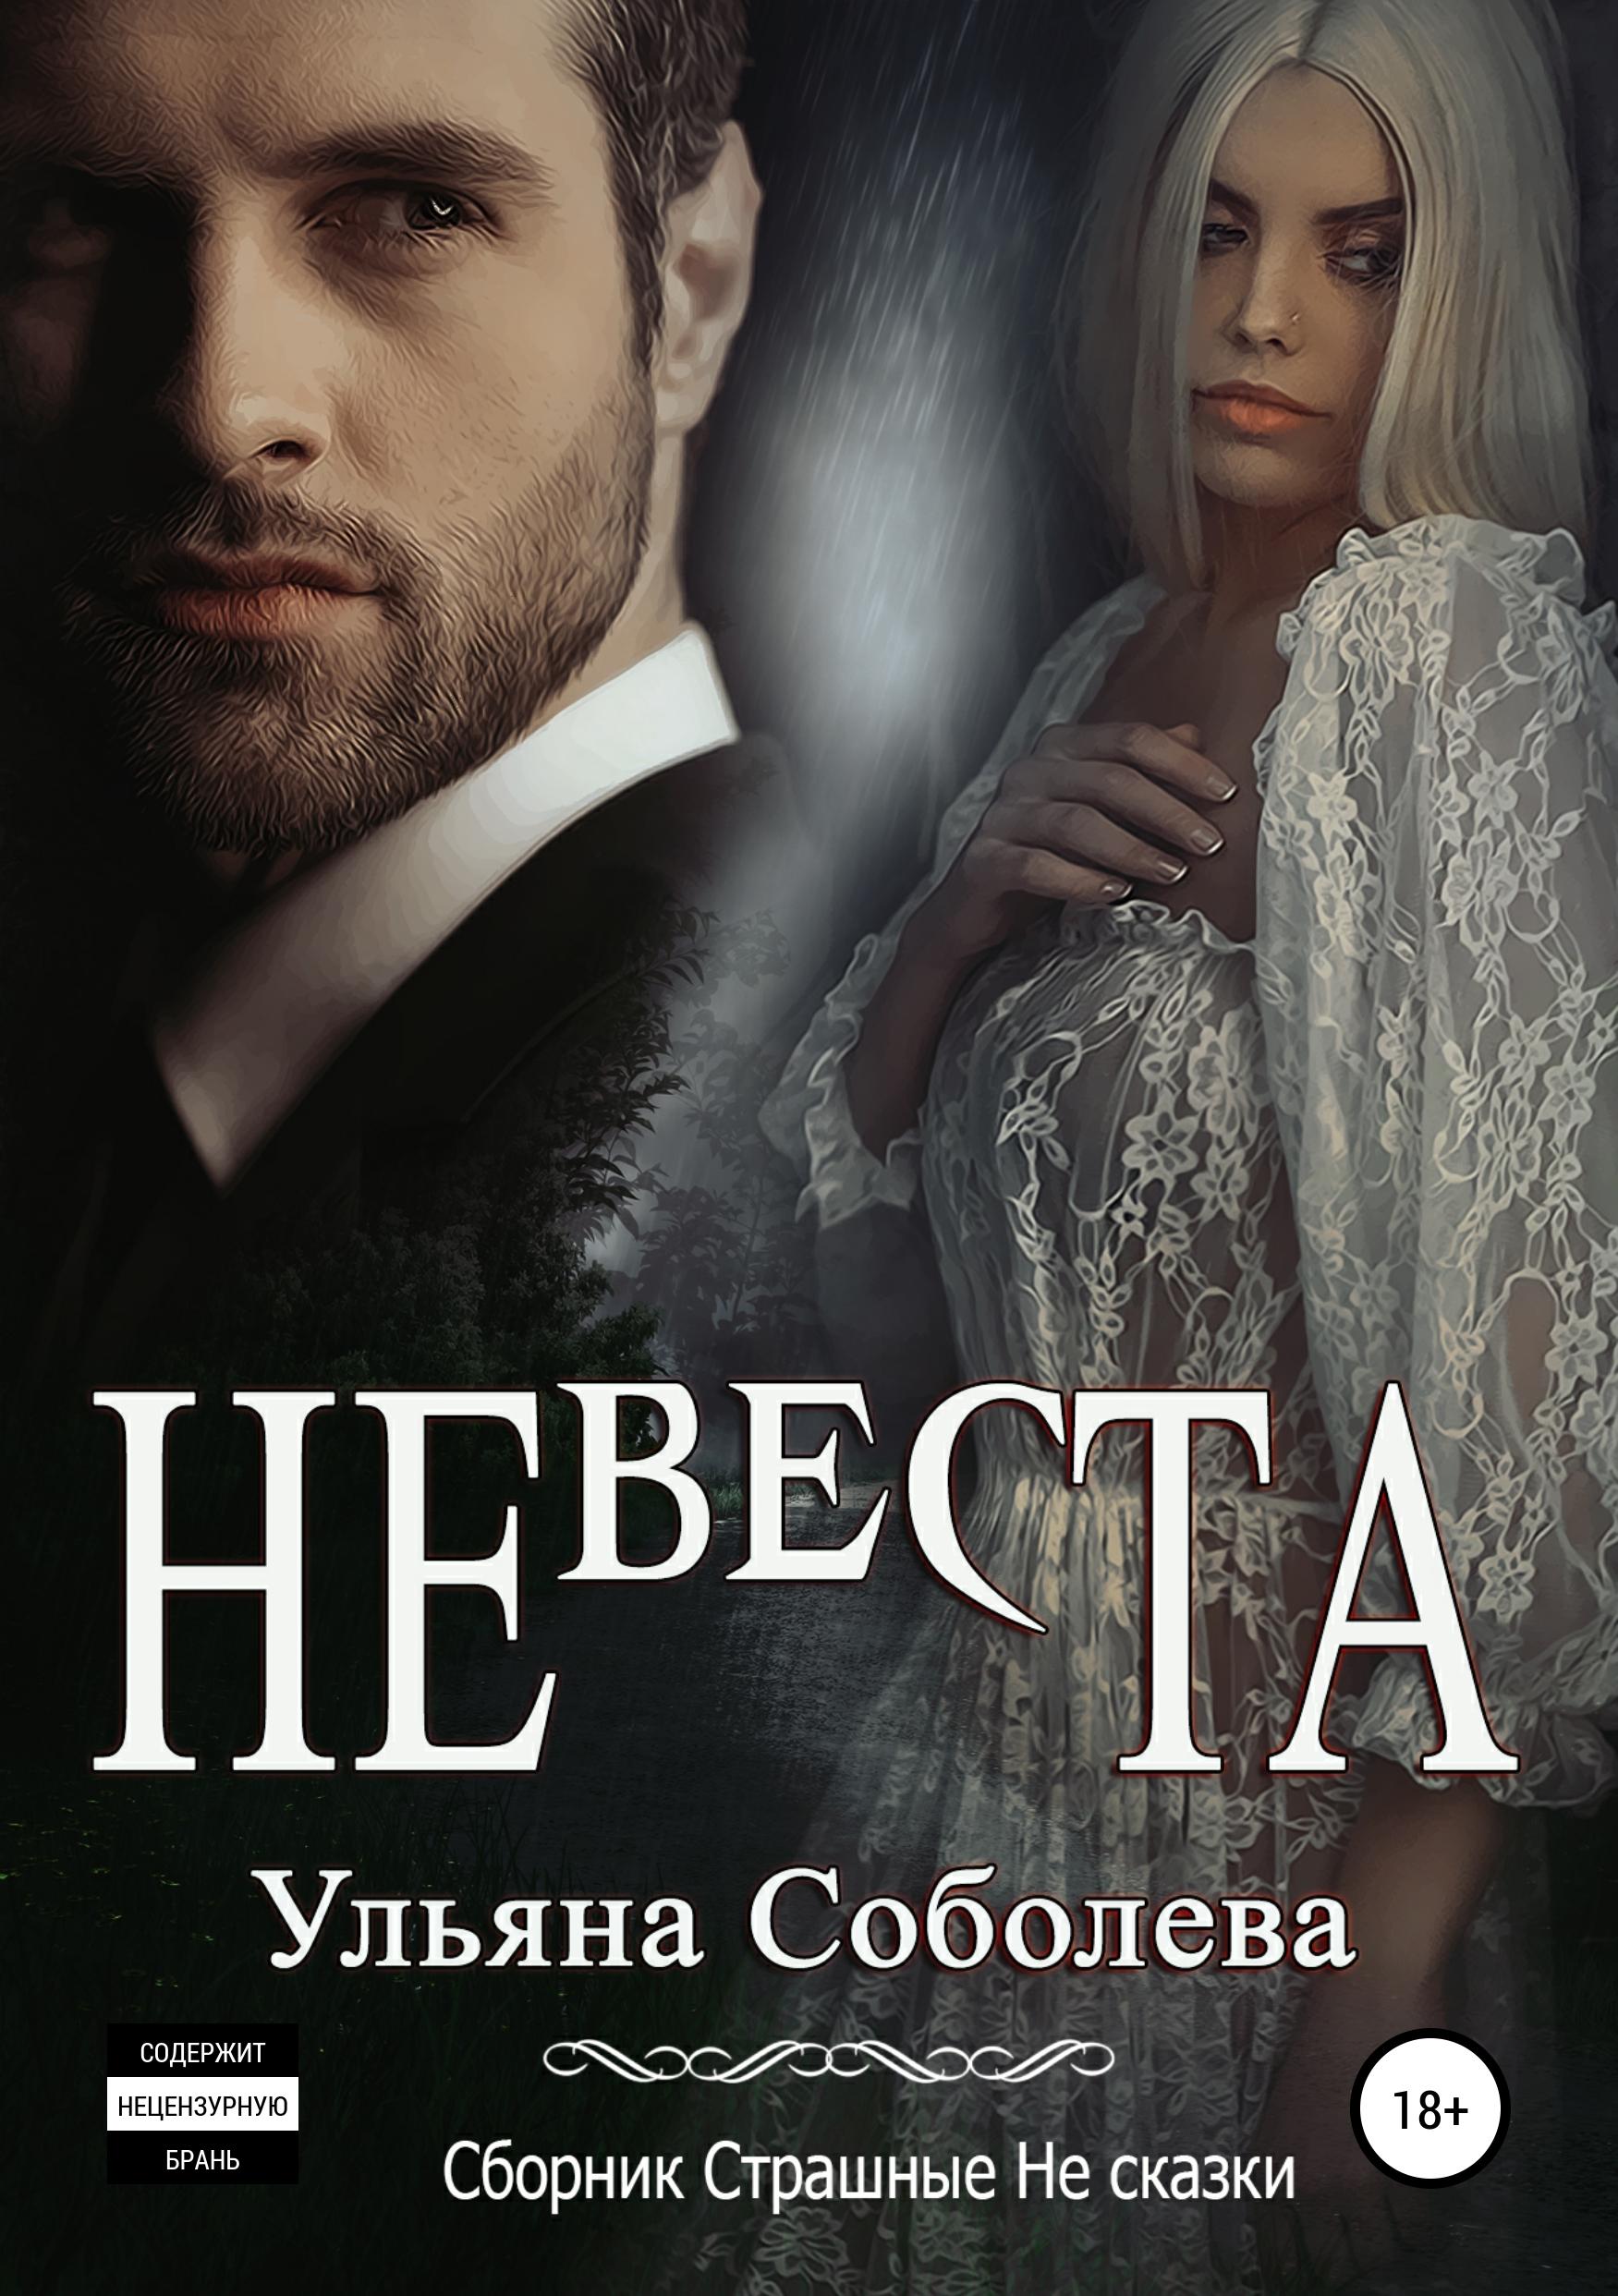 Ульяна Павловна Соболева Невеста ульяна соболева взгляд в бездну